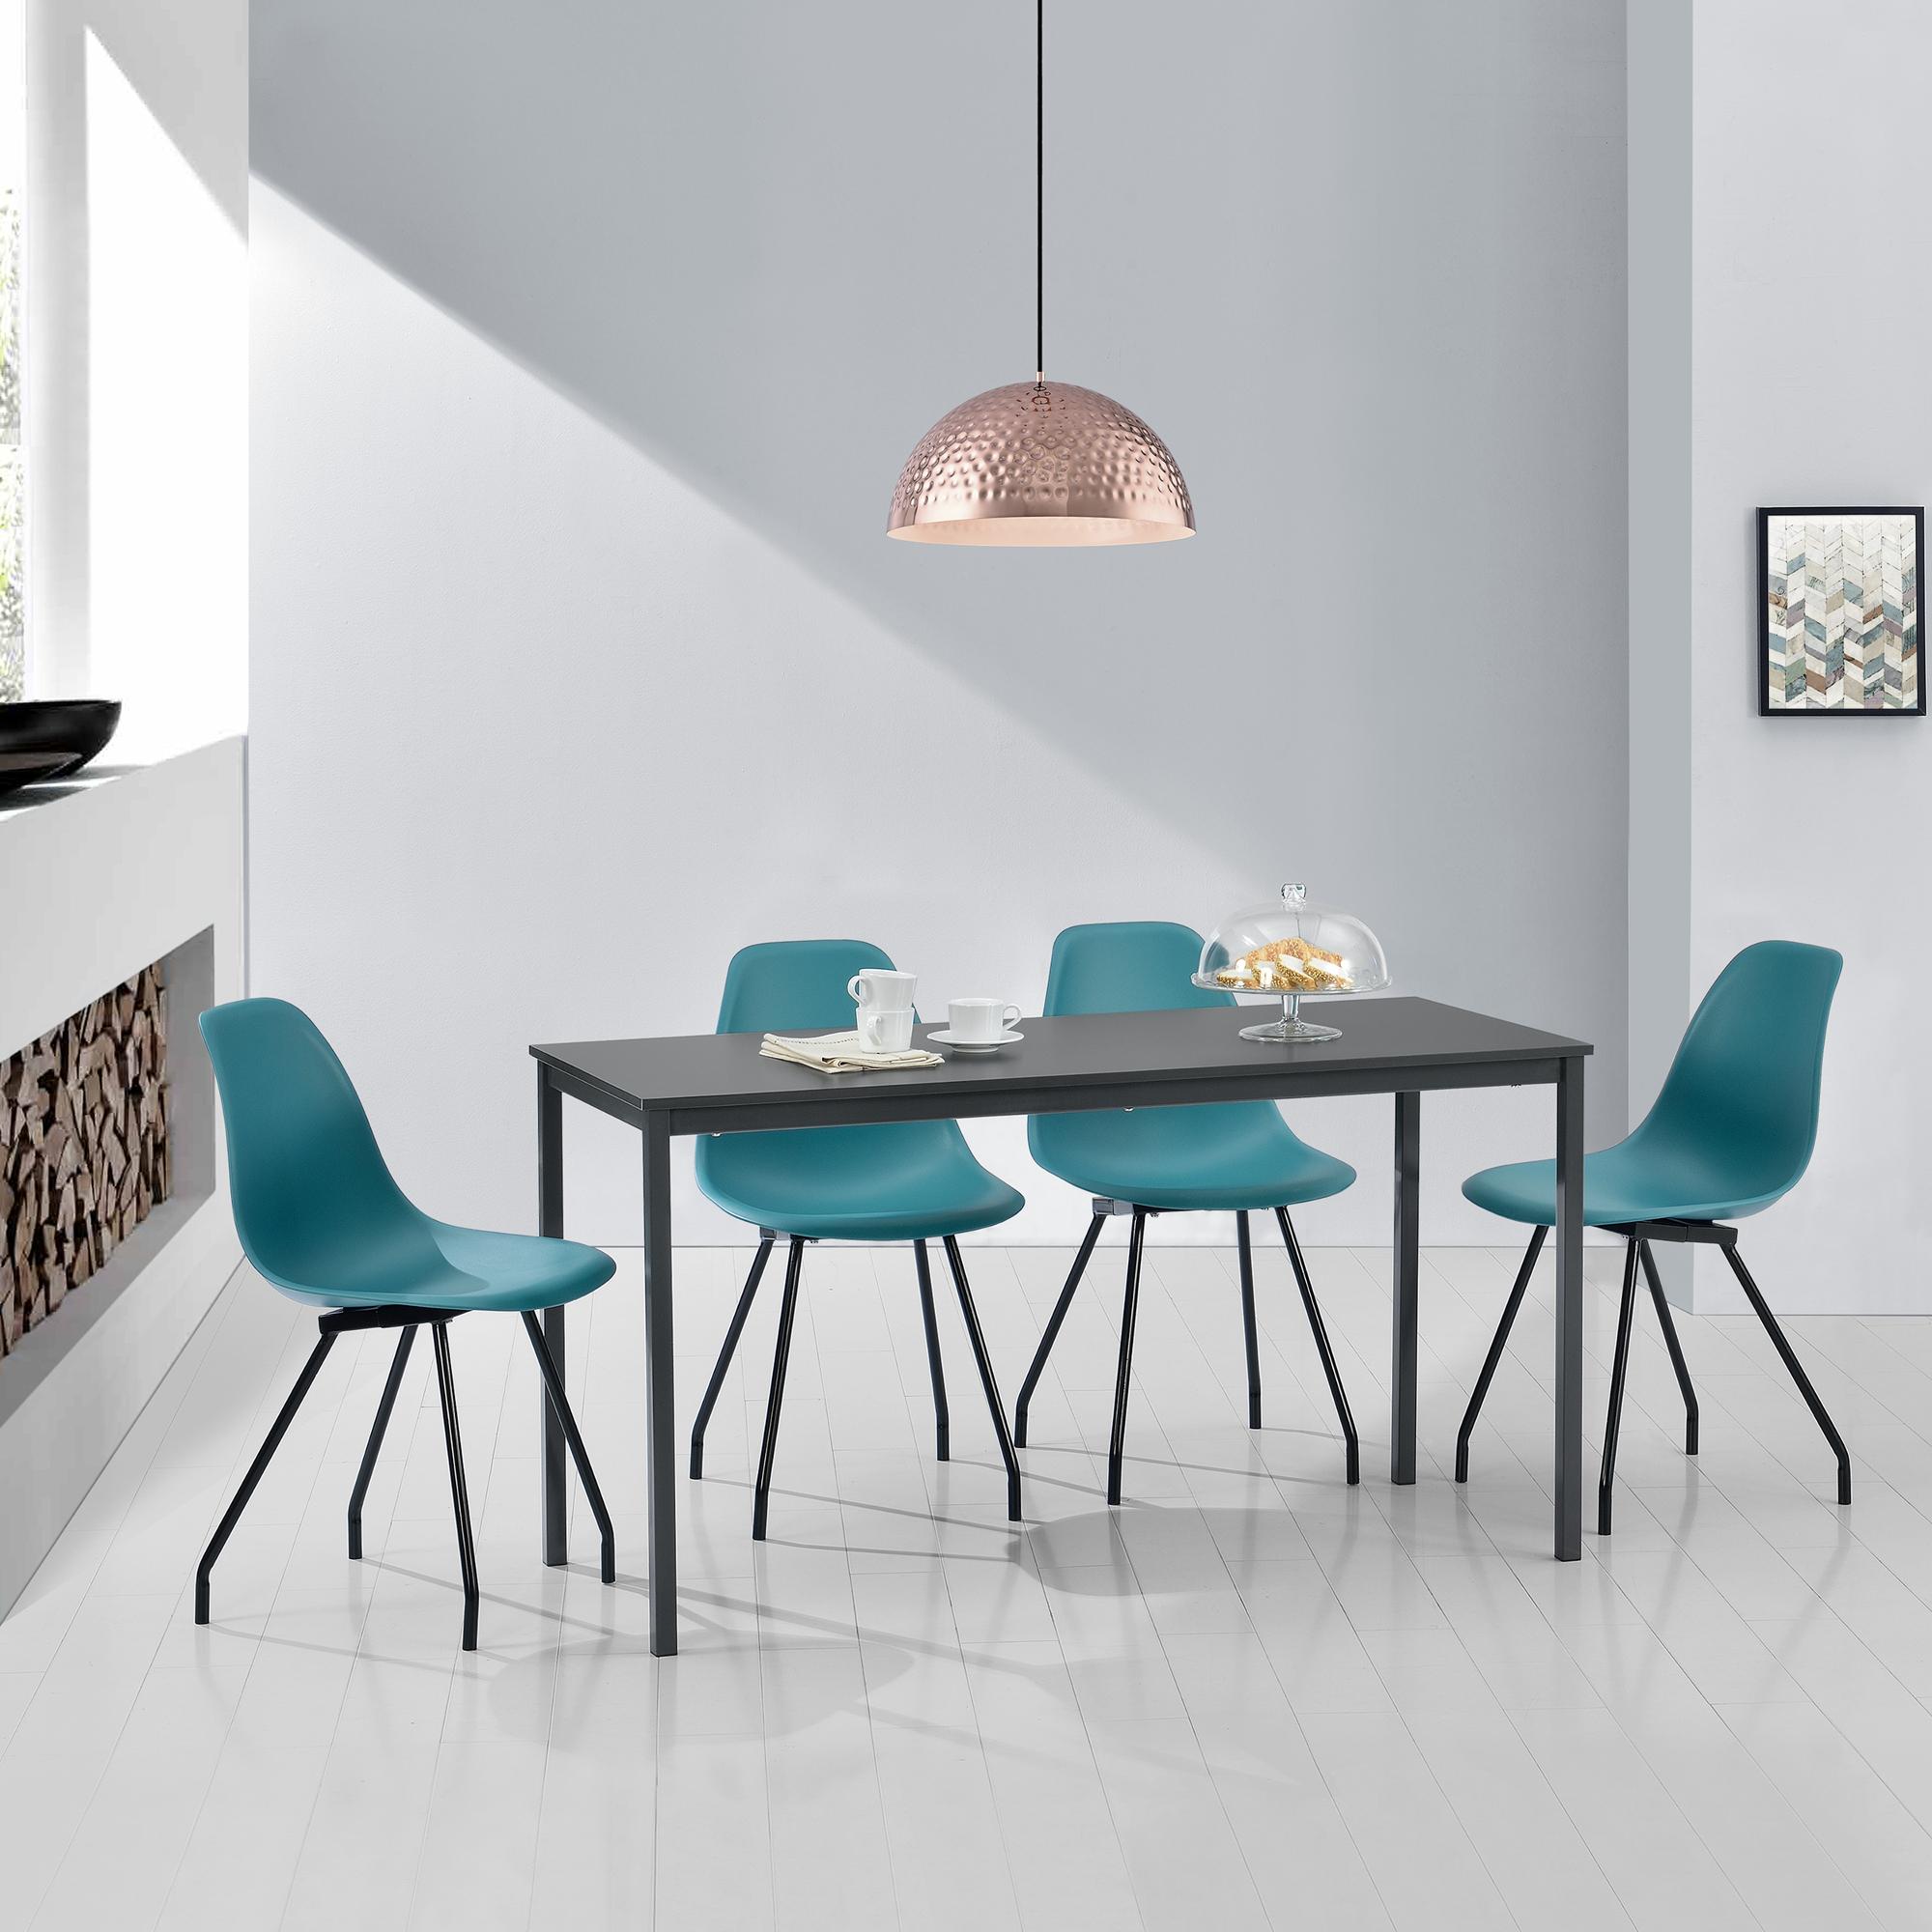 en.casa] Esstisch mit 4 Stühlen grau/türkis 120x60cm Küchentisch ...